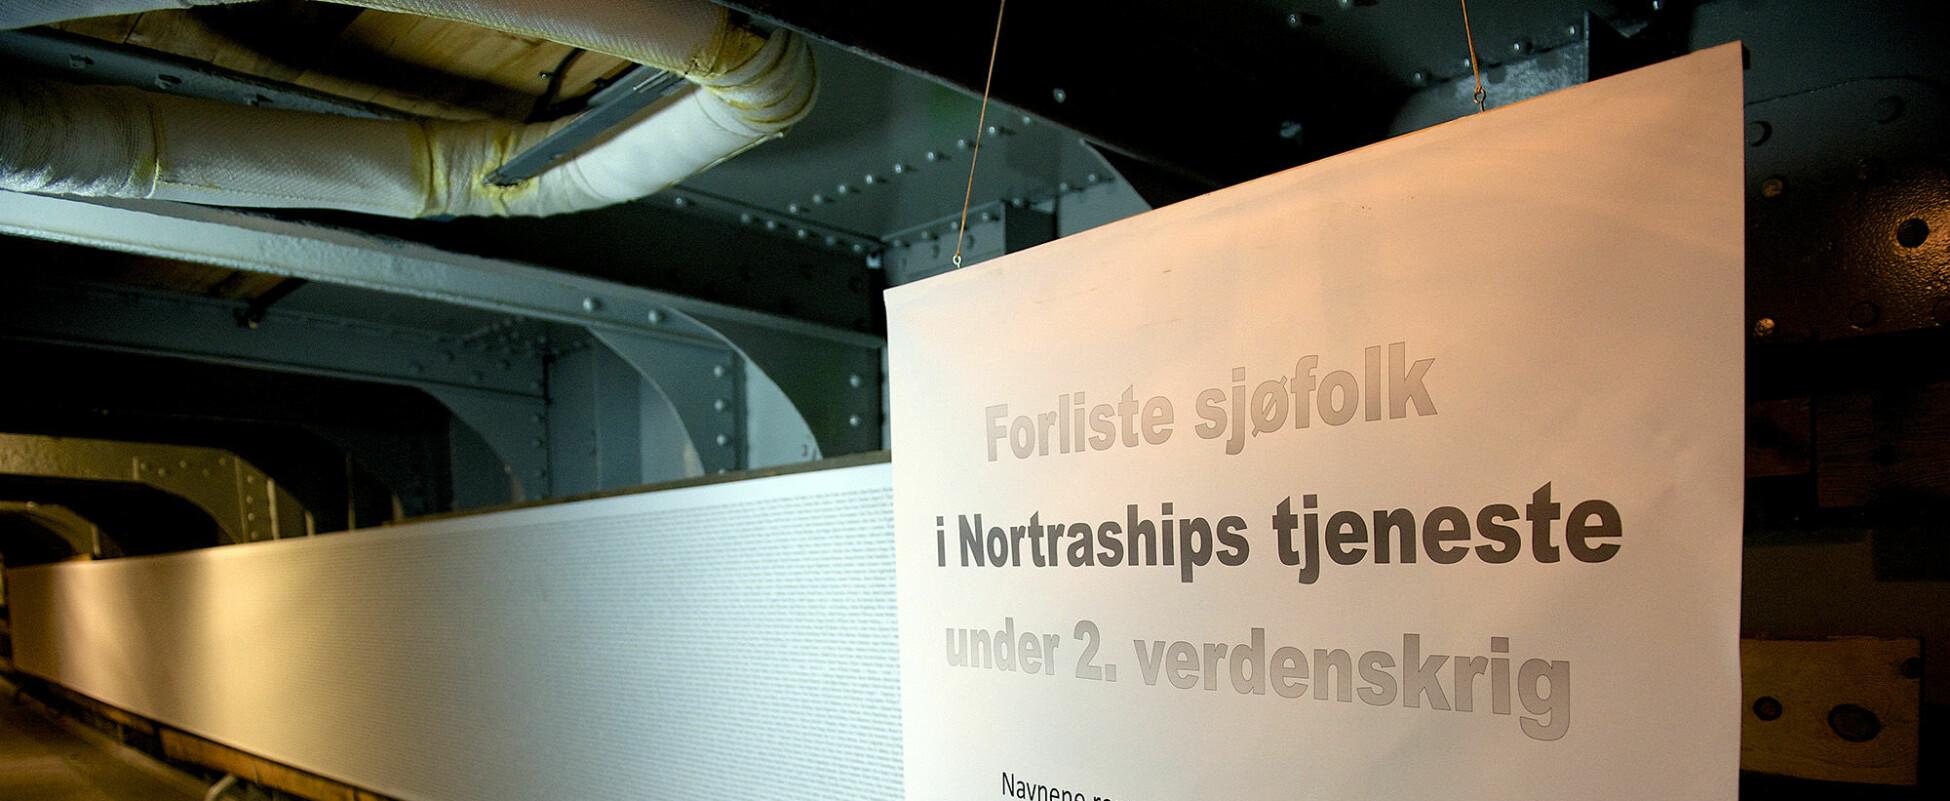 Fra en reportasje om det aller siste konvoiskipet som har seilt i to verdenskriger. DS Hestmanden seilte for Nortraship 1940-45. I dag er fartøyet et flytende museum.